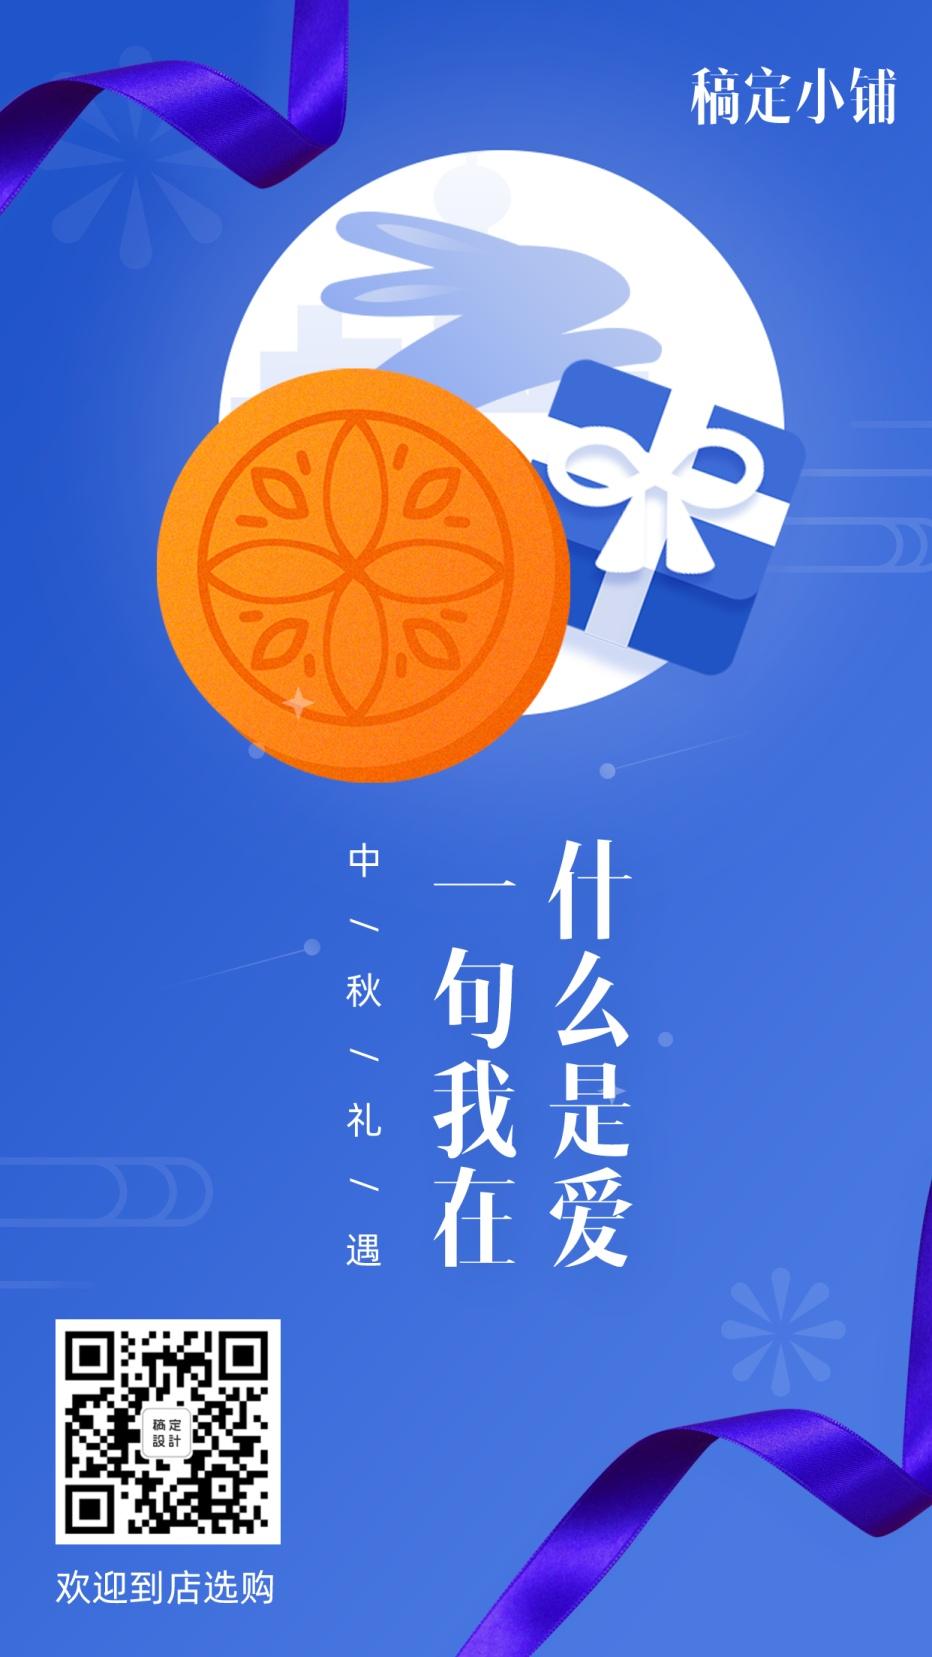 中秋促销/月饼礼盒/活动手绘海报